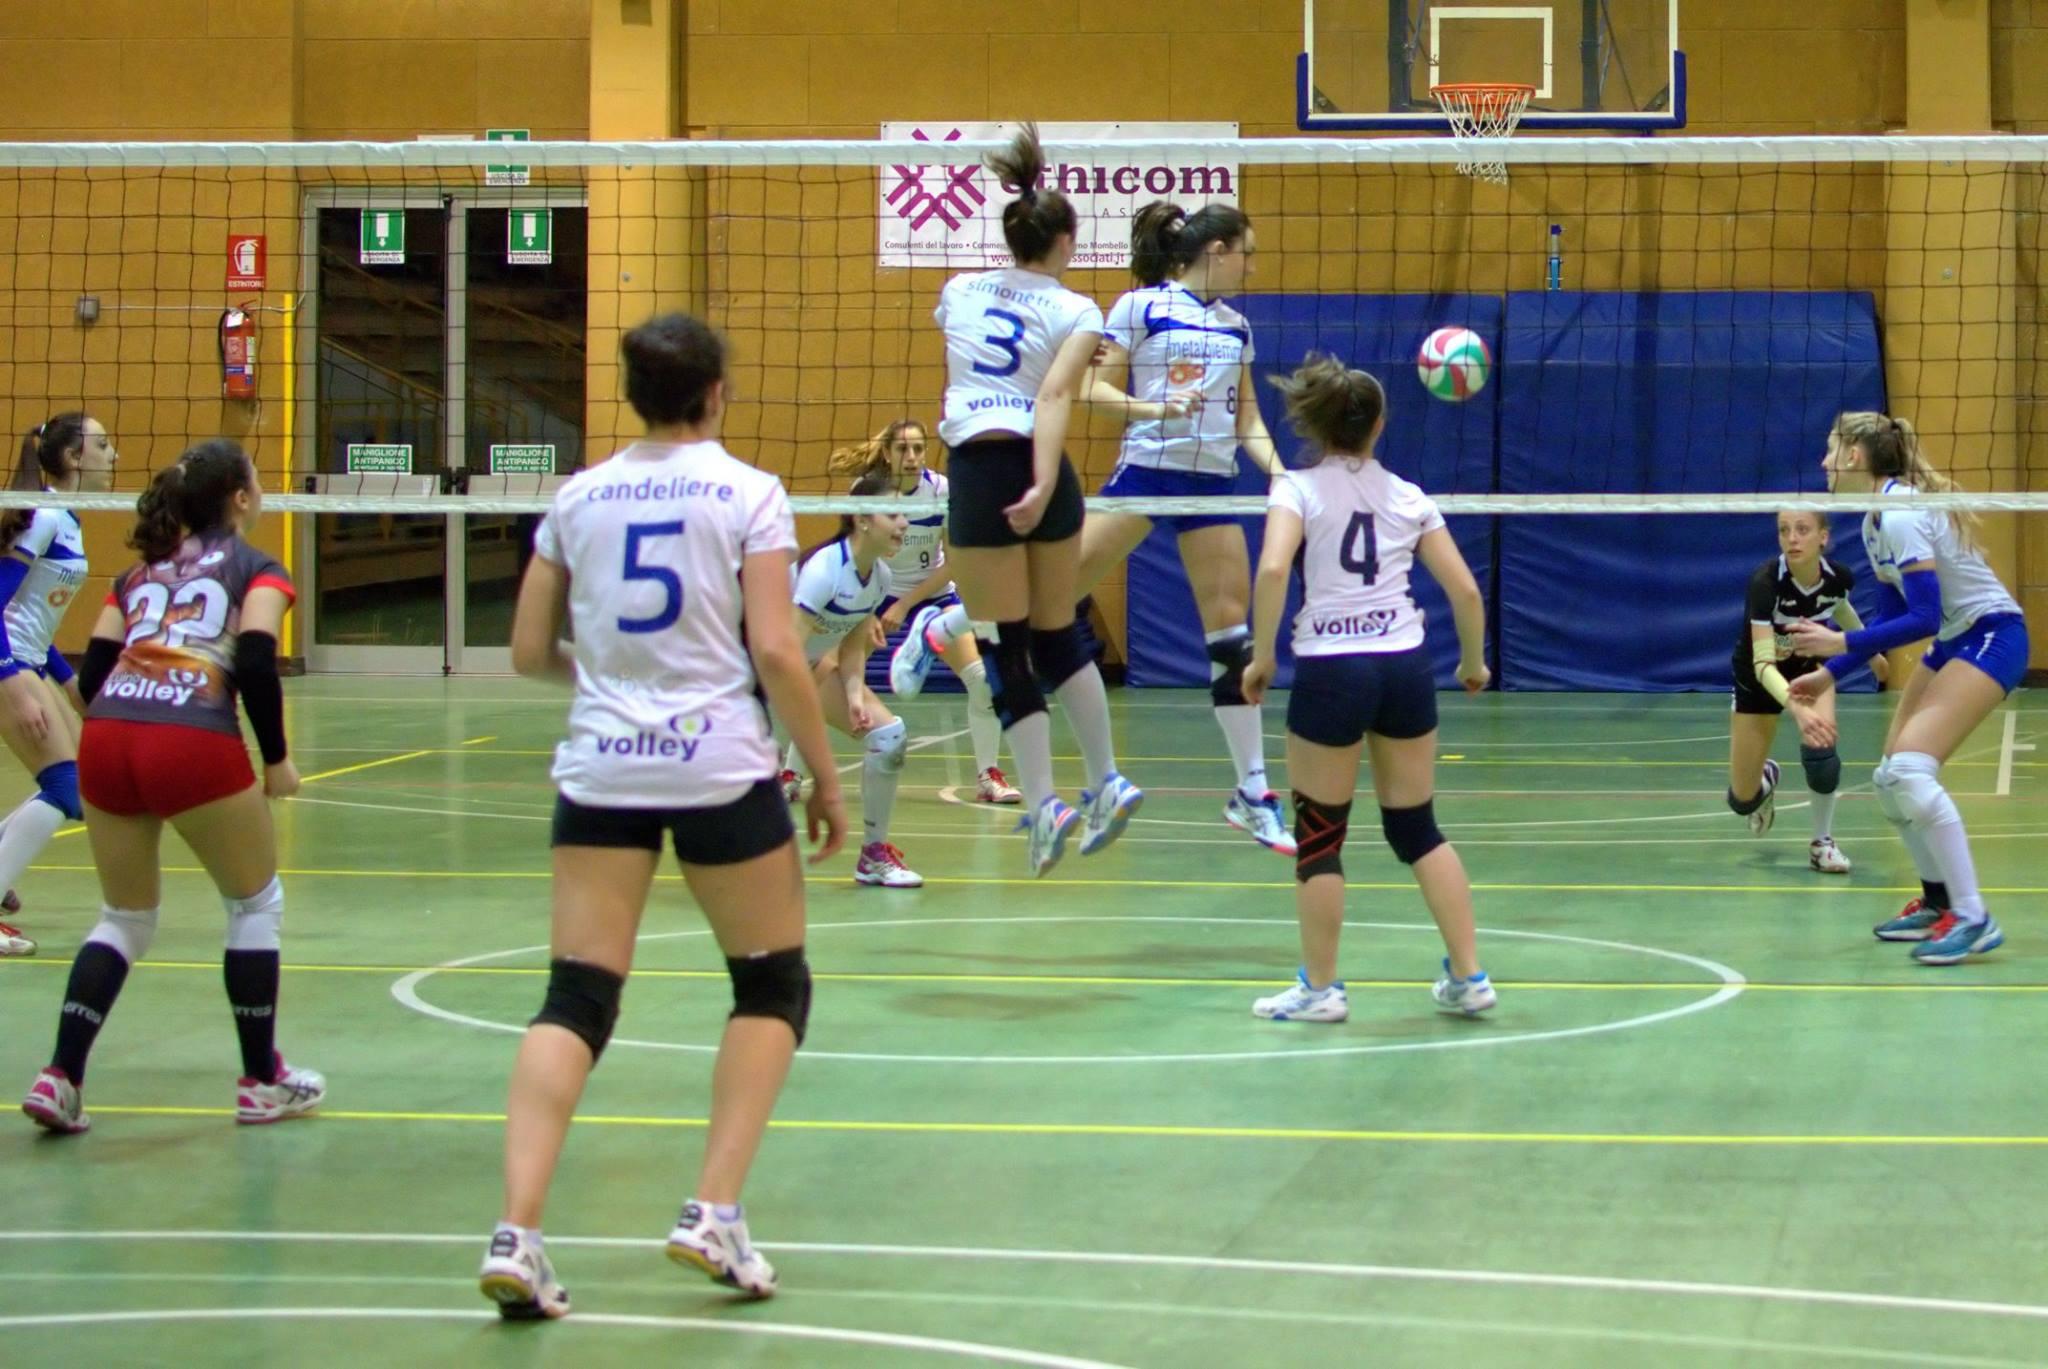 L'Epikure Luino Volley non molla: 3-0 contro il Metalgiemme. Serie C si fa sempre più vicina (Foto © Francesco Muzzopappa)